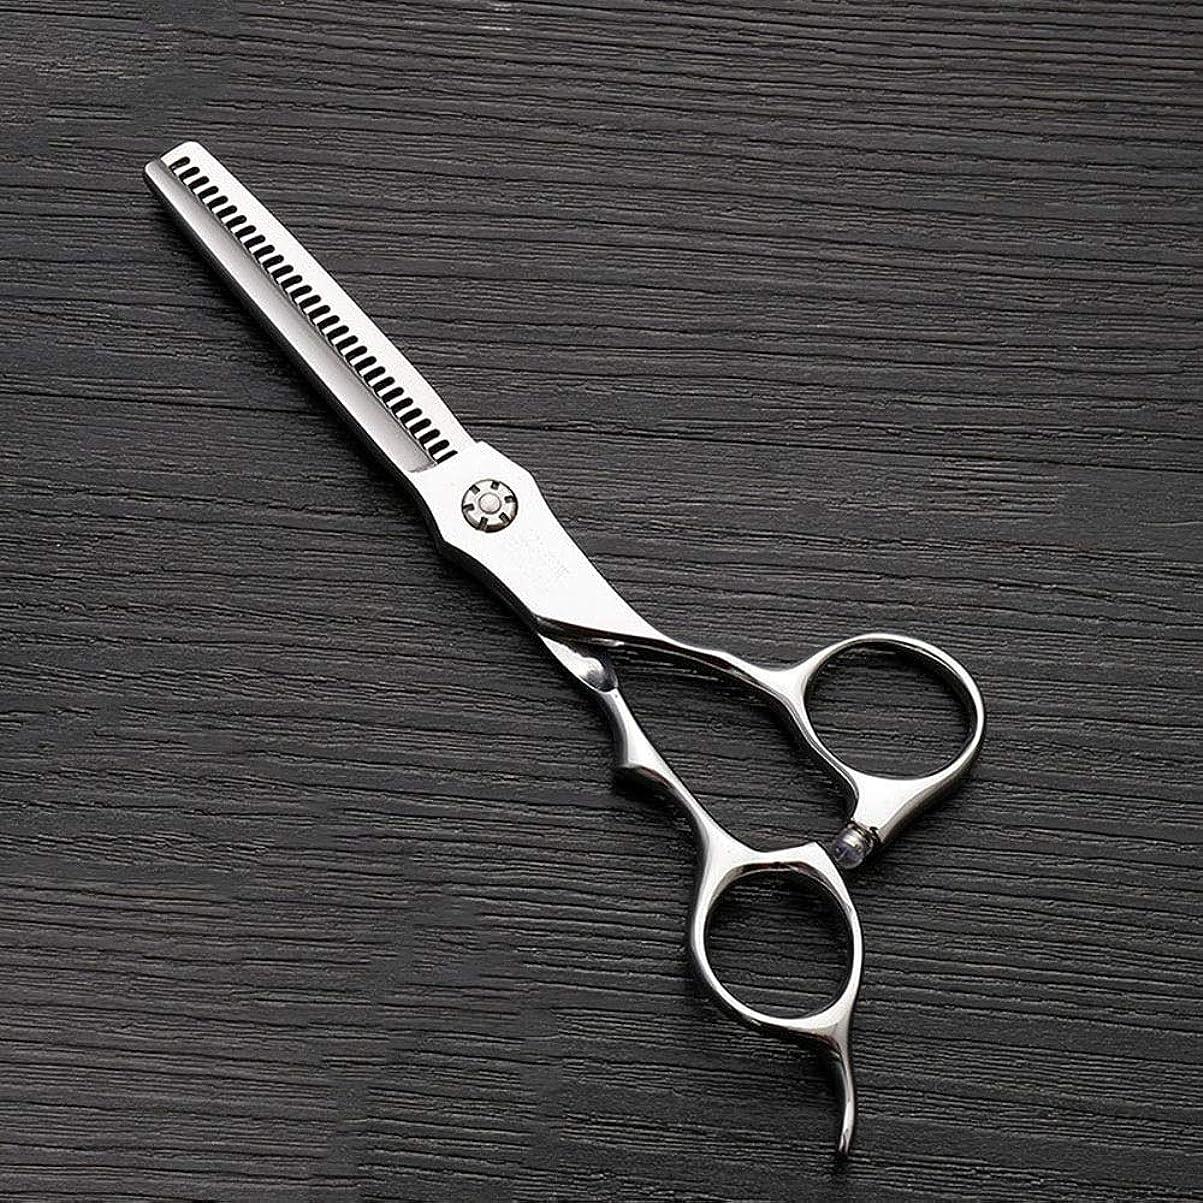 感謝している人工的なボイコットHOTARUYiZi 散髪ハサミ カットバサミ セニング 散髪はさみ すきバサミ ヘアカット プロ カットシザー 品質保証 耐久性 美容院 ステンレス鋼 専門カット 6インチ 髪カット (色 : Silver)